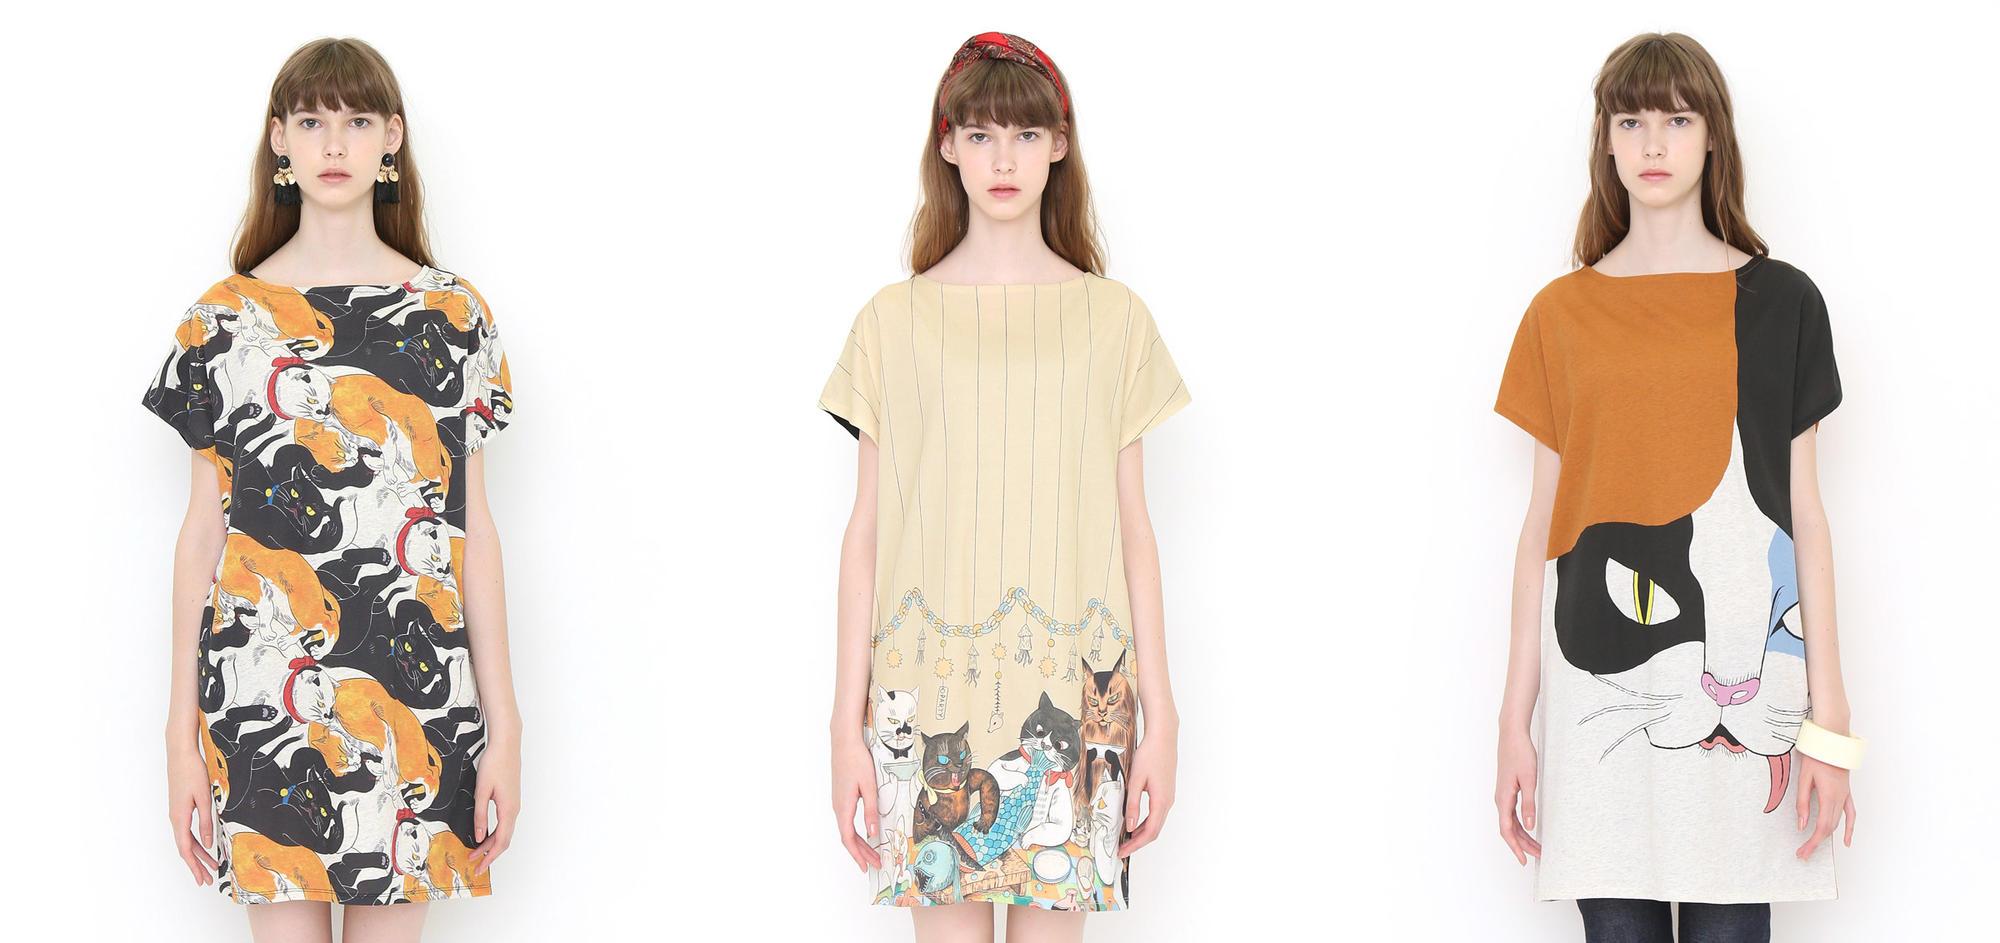 日本潮流服饰品牌graniph推出的石黒 亜矢子系列女装